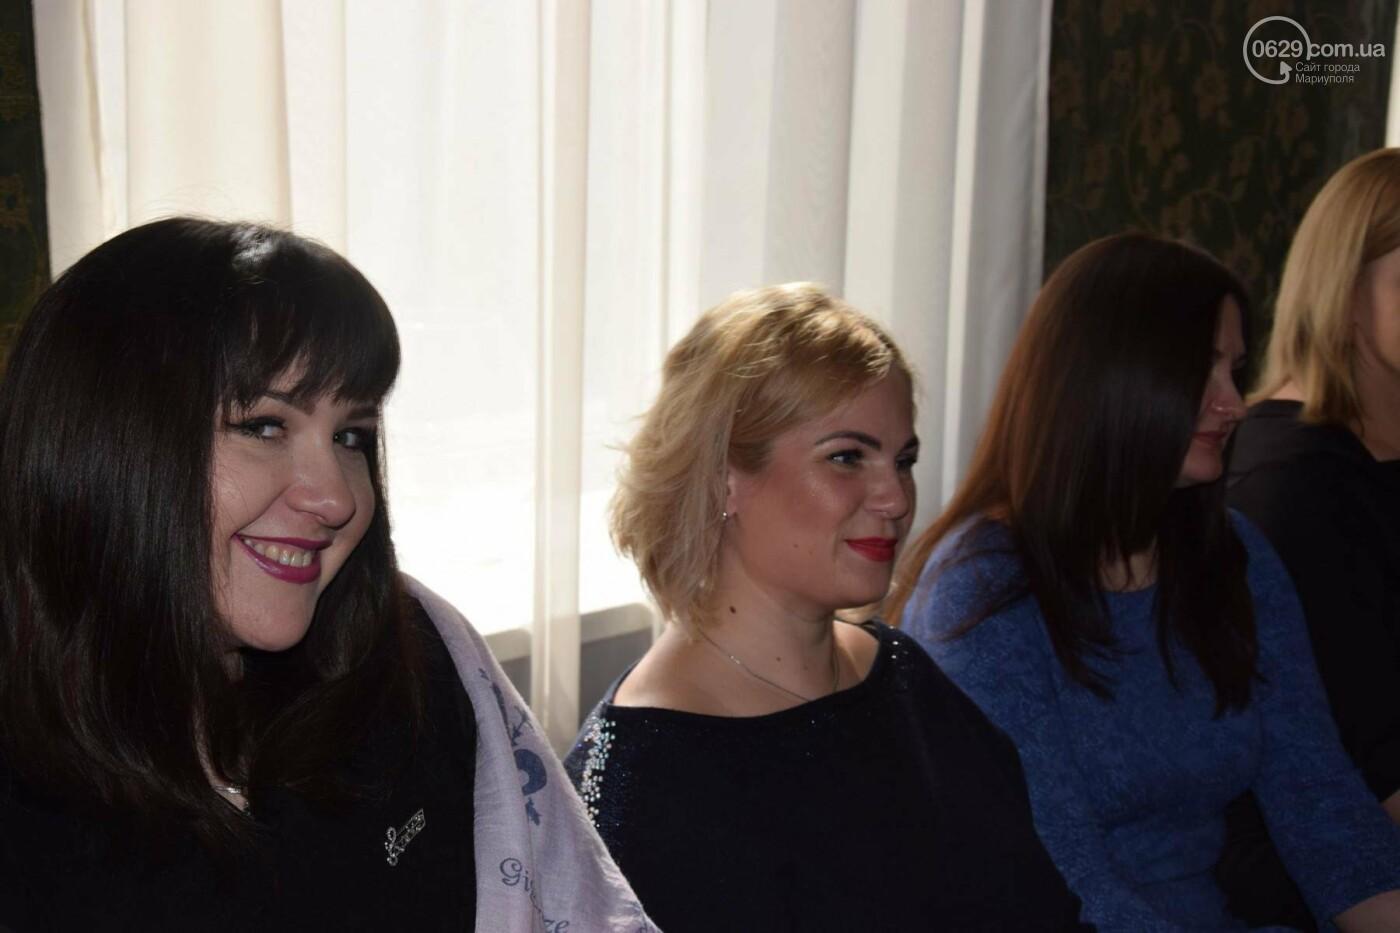 Модели XL в  Мариуполе бросят вызов анорексии и выйдут  в платьях Андре Тана (ФОТО, ВИДЕО), фото-2